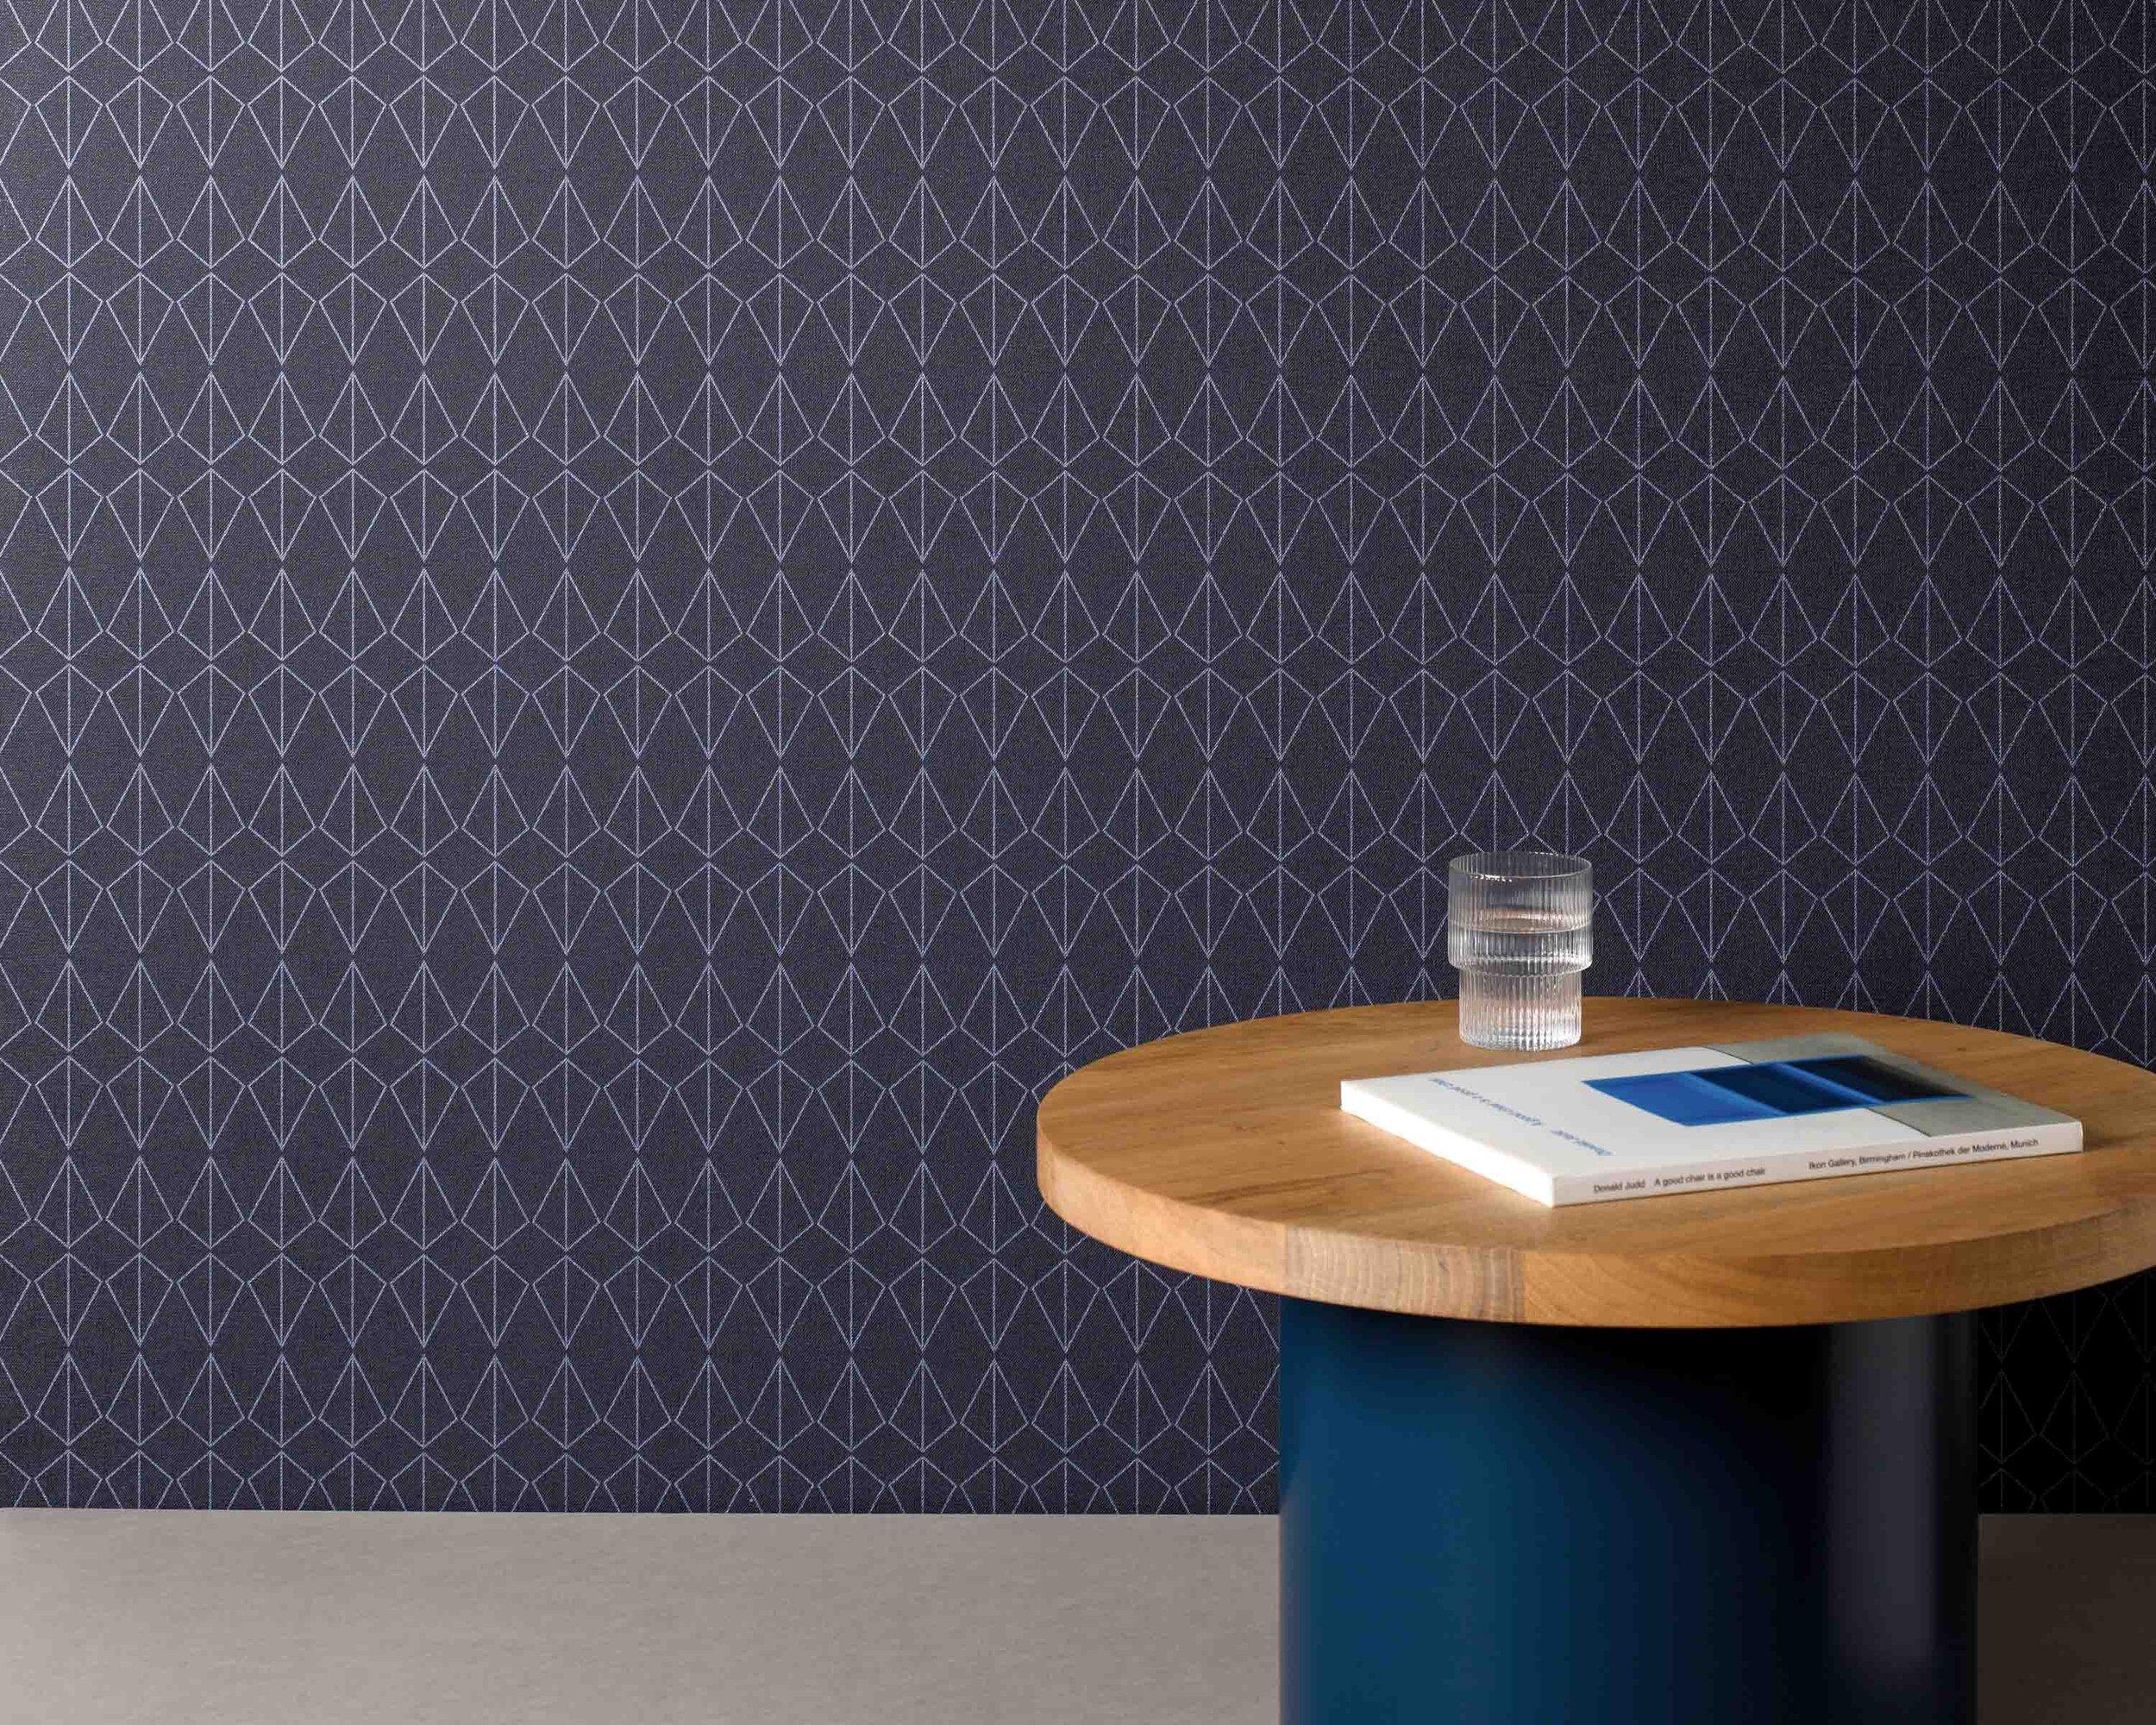 Nouveau designed by Me & General Design